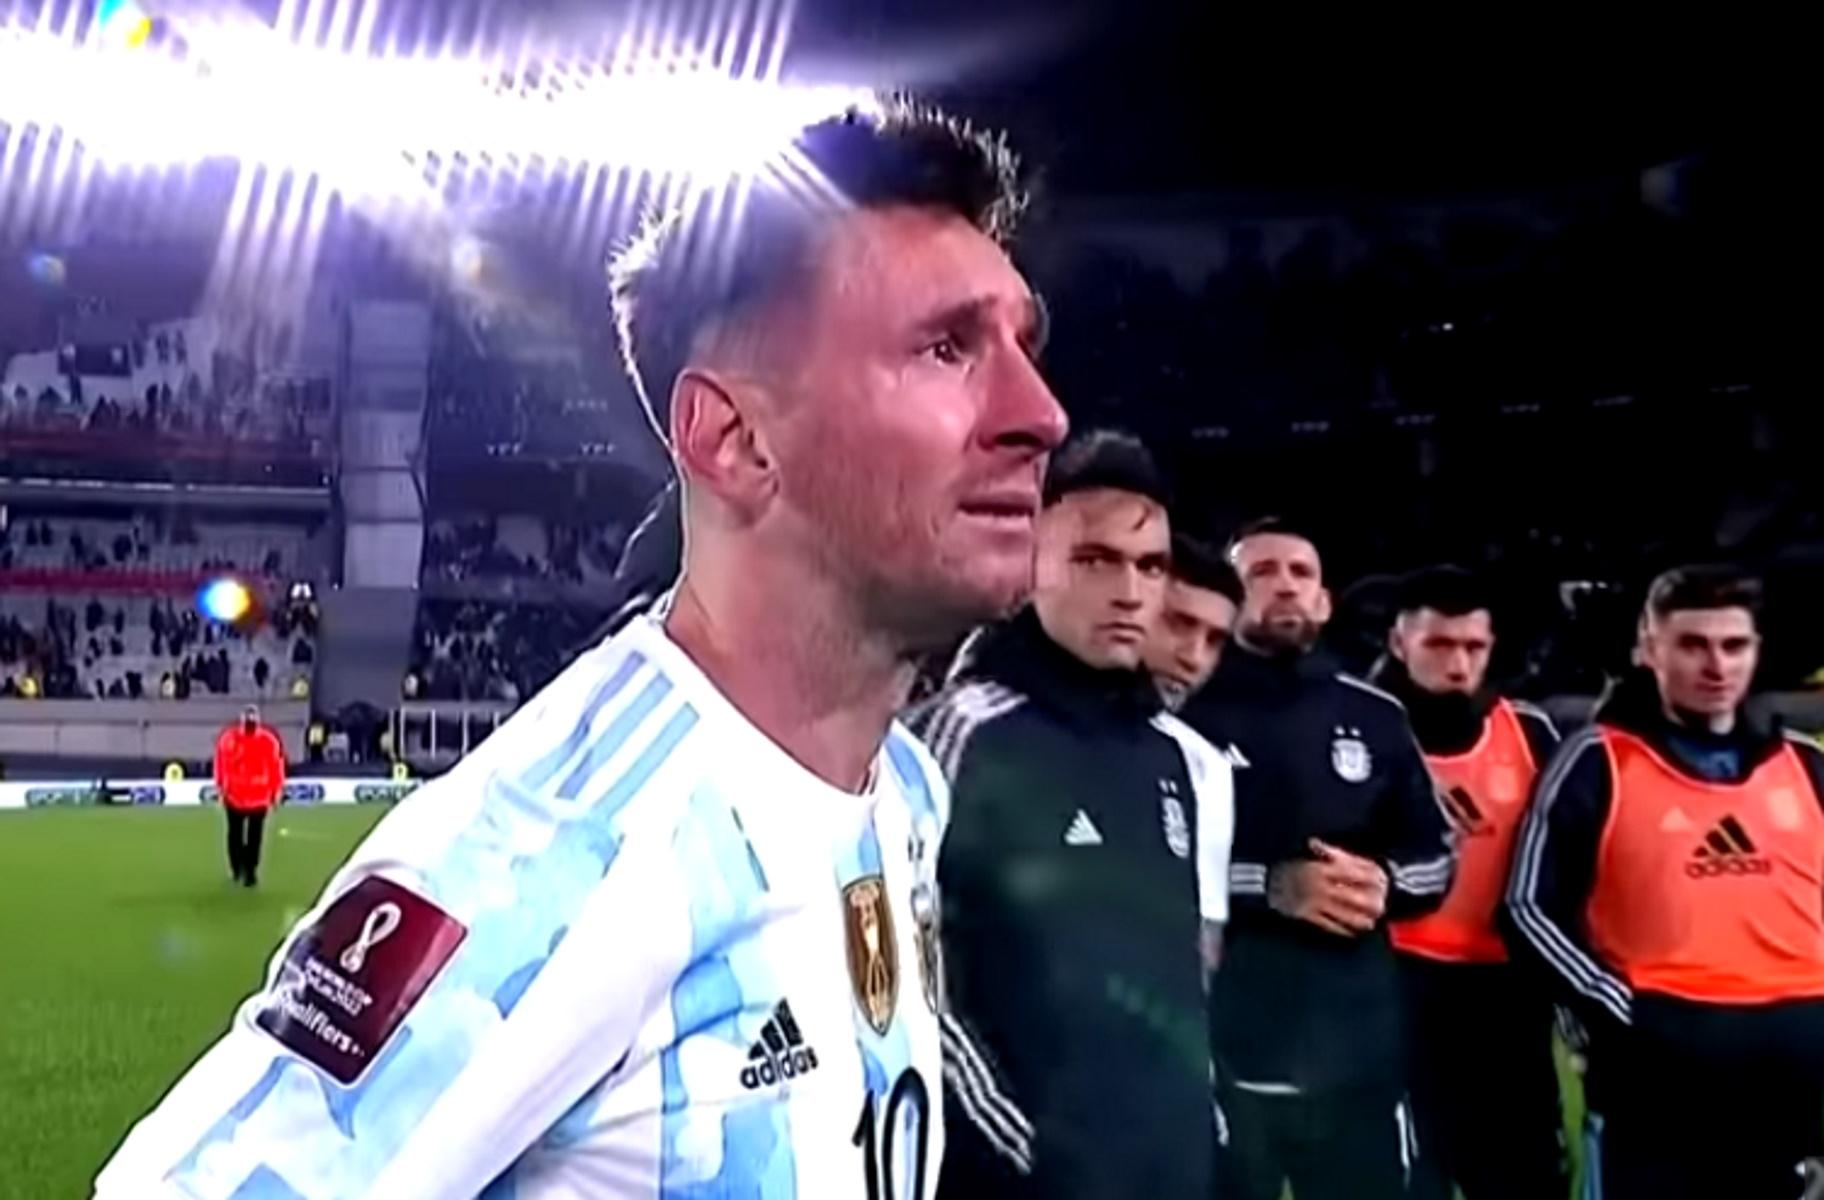 Λιονέλ Μέσι: Έκλαψε on camera στη φιέστα της Αργεντινής για την κατάκτηση του Copa America